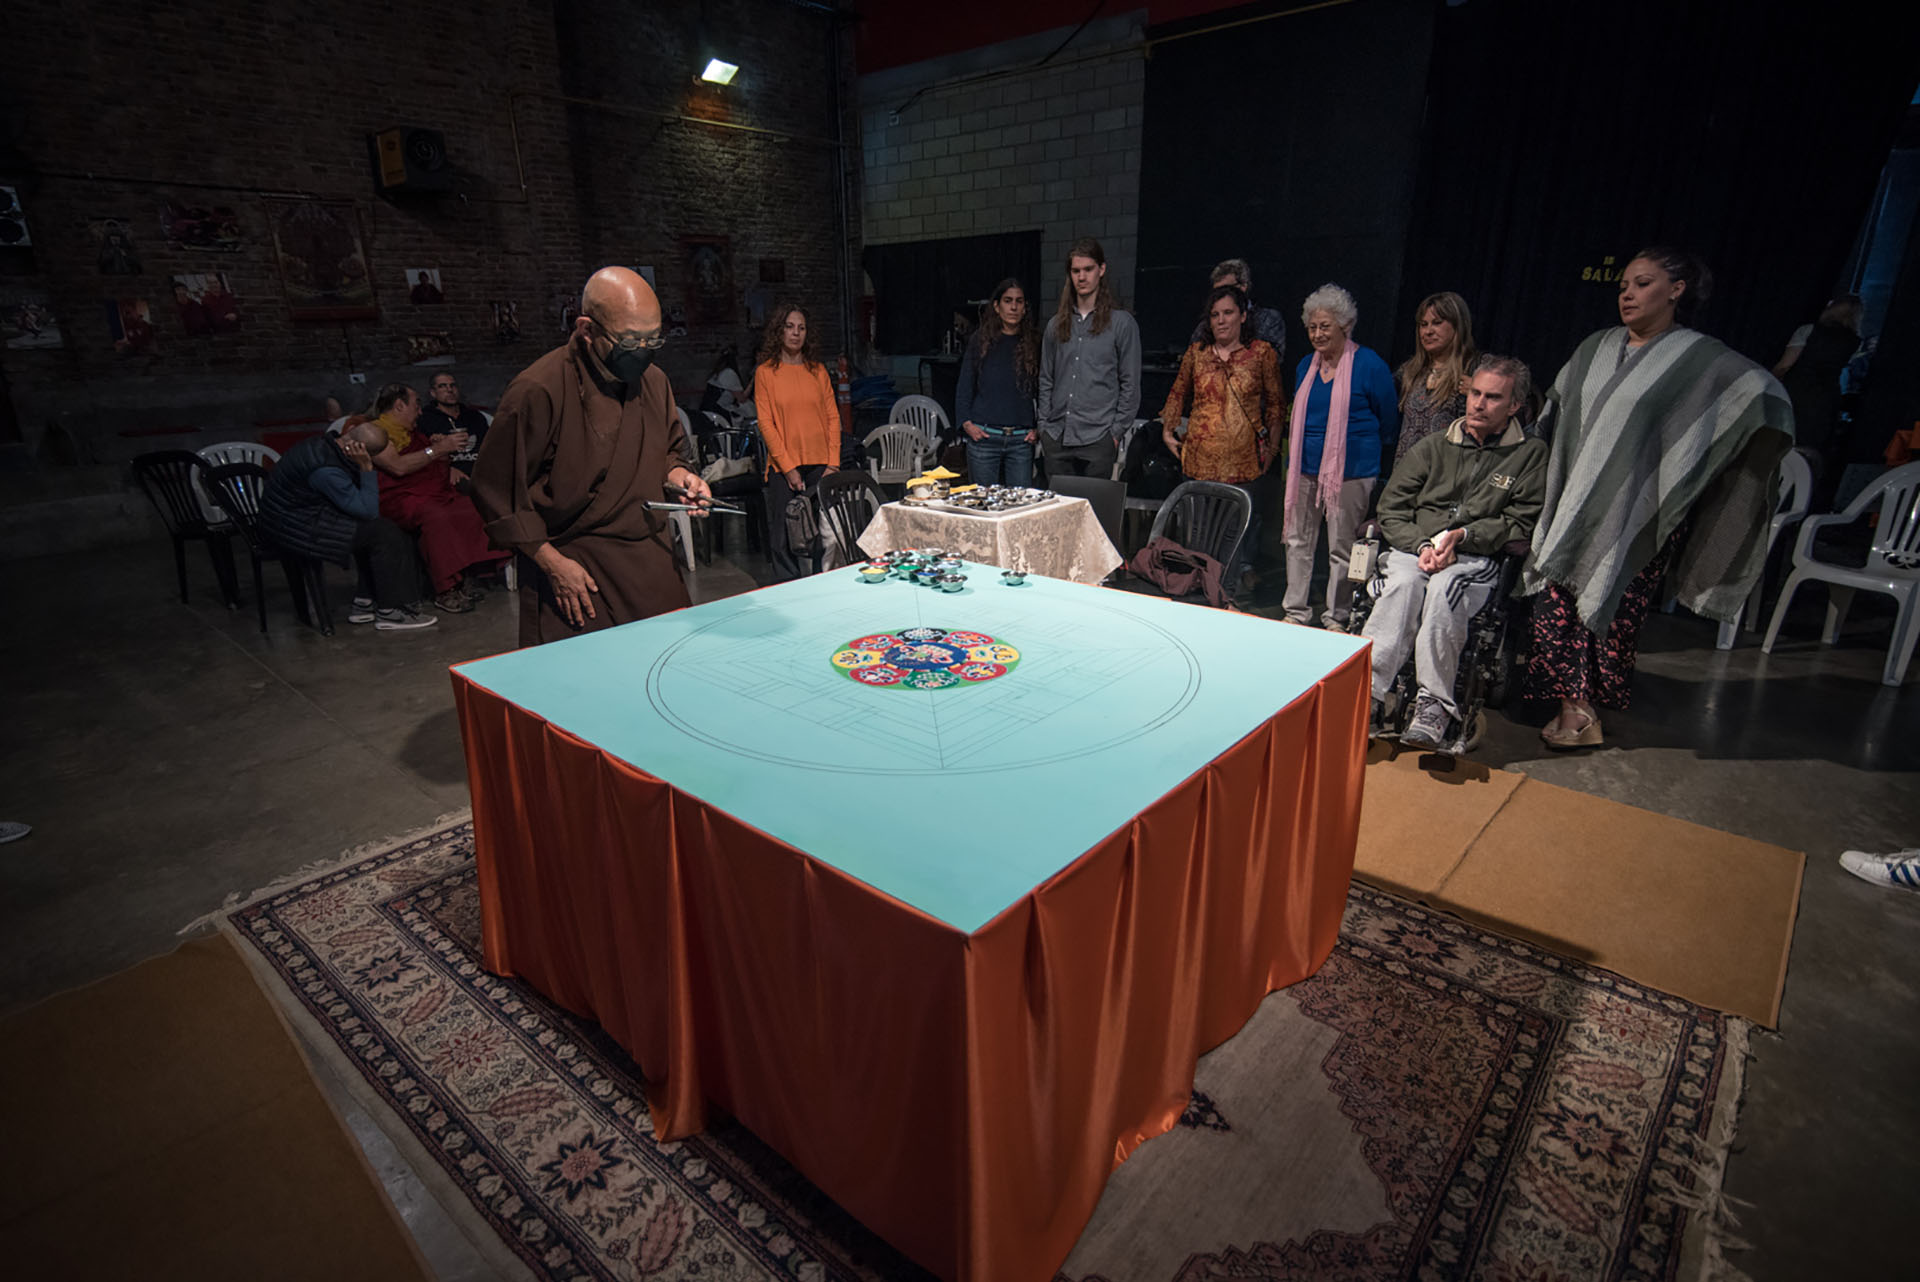 El Lama Losang Samten vive en Estados Unidos, luego de residir 20 años en la India en el Monasterio Namgyal del Dalai Lama, a quien acompañó como asistente obteniendo el más alto nivel de estudios budistas y alcanzando el grado de Maestro de danzas rituales y mandalas de arena